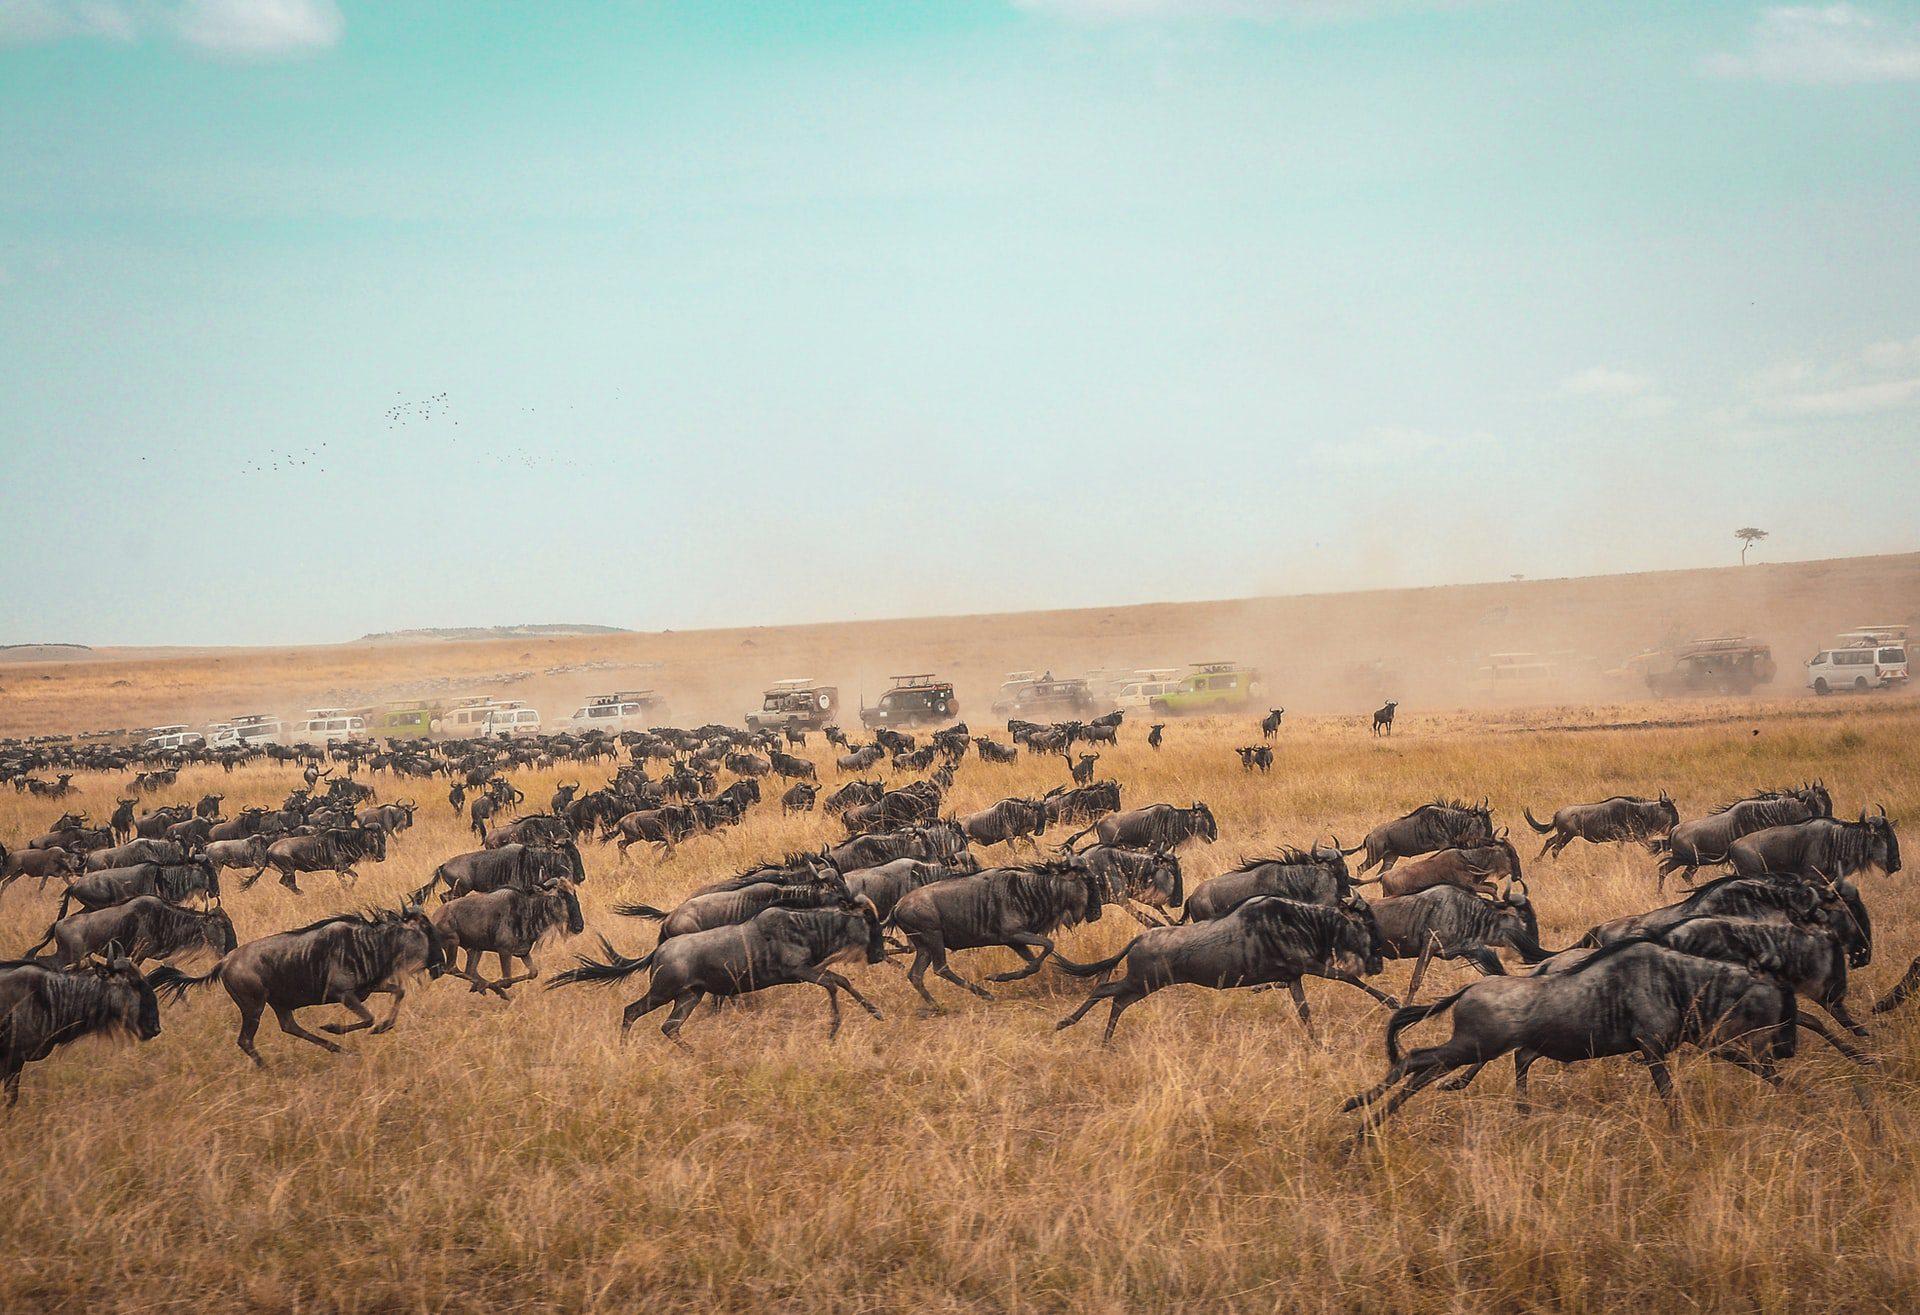 Top 10 sights to see in Kenya - Masai Mara National park